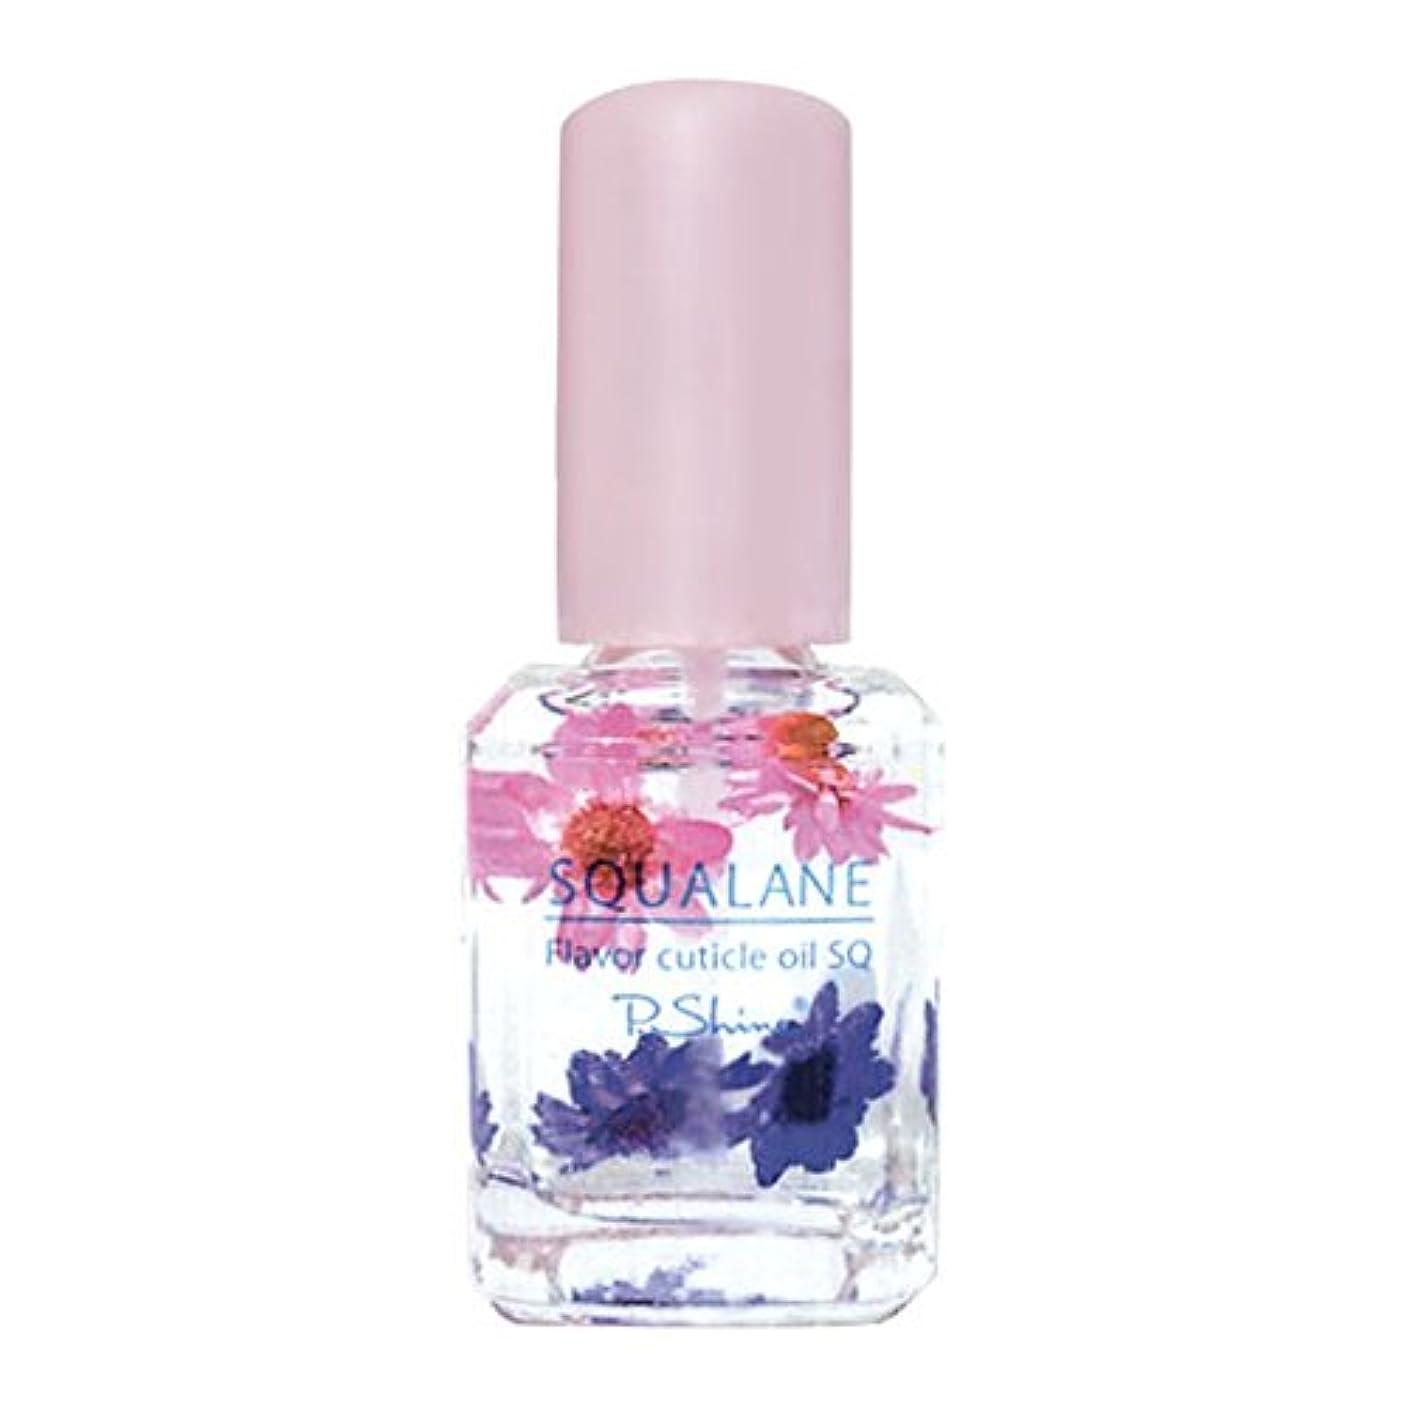 を必要としていますよく話される司書P. Shine フレーバーオイルSQ フラワーリゾート 南国の花の甘く優しい香り スクワランオイル